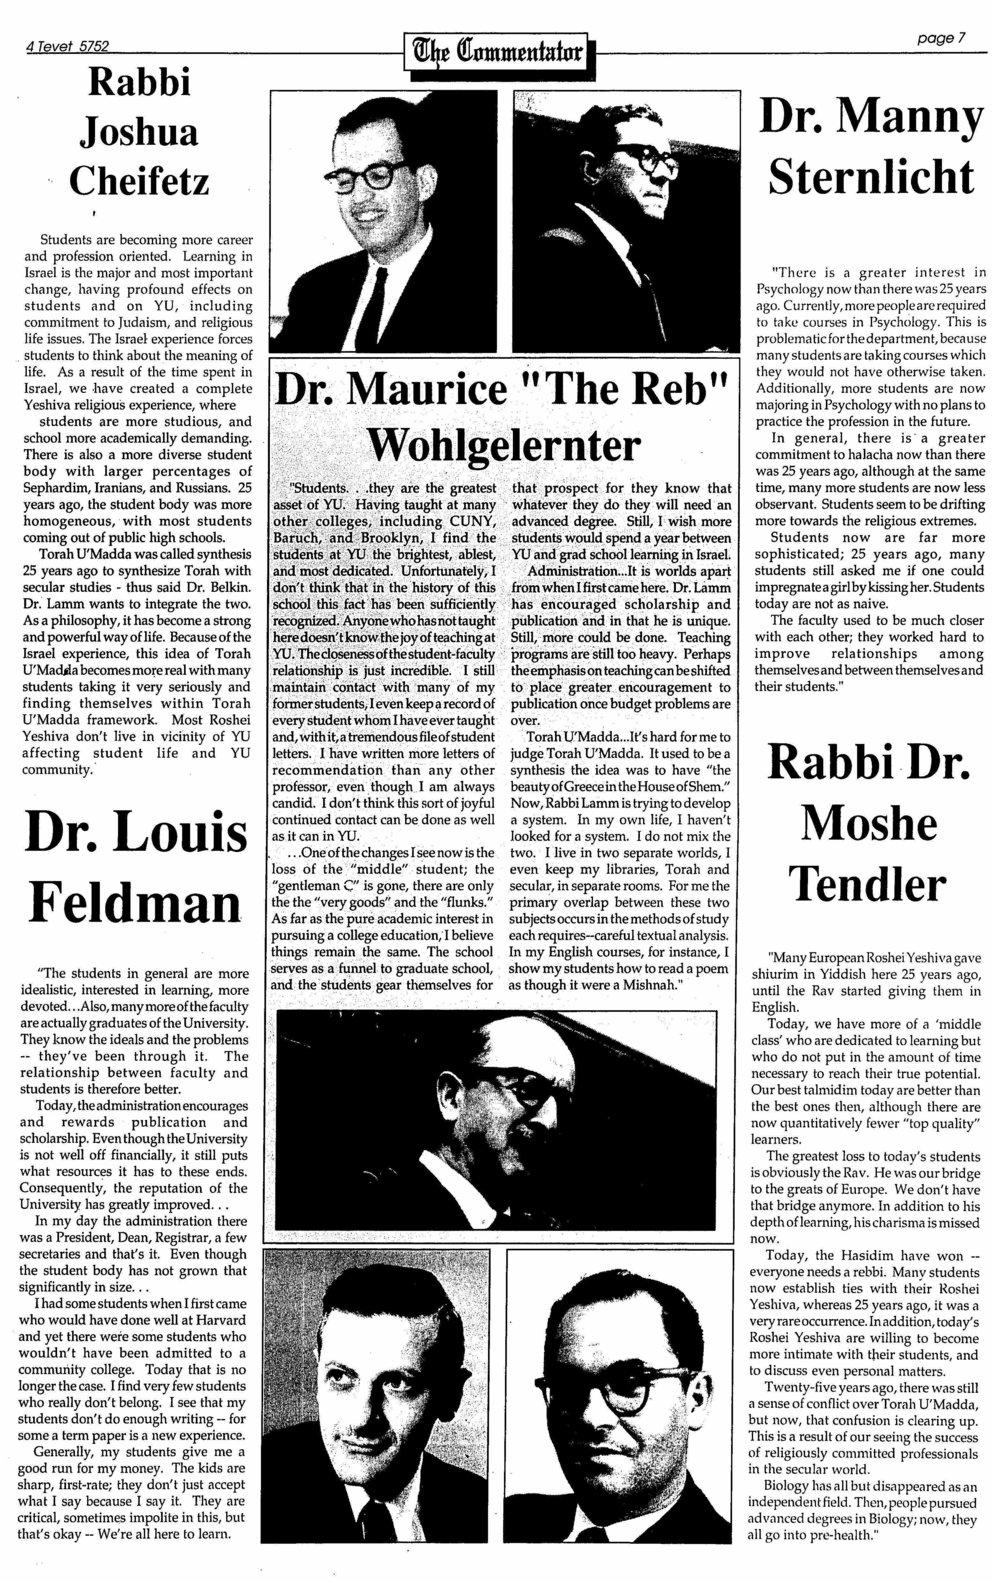 1991.12.11.TC--Dr. Louis Feldman_Page_2.jpg